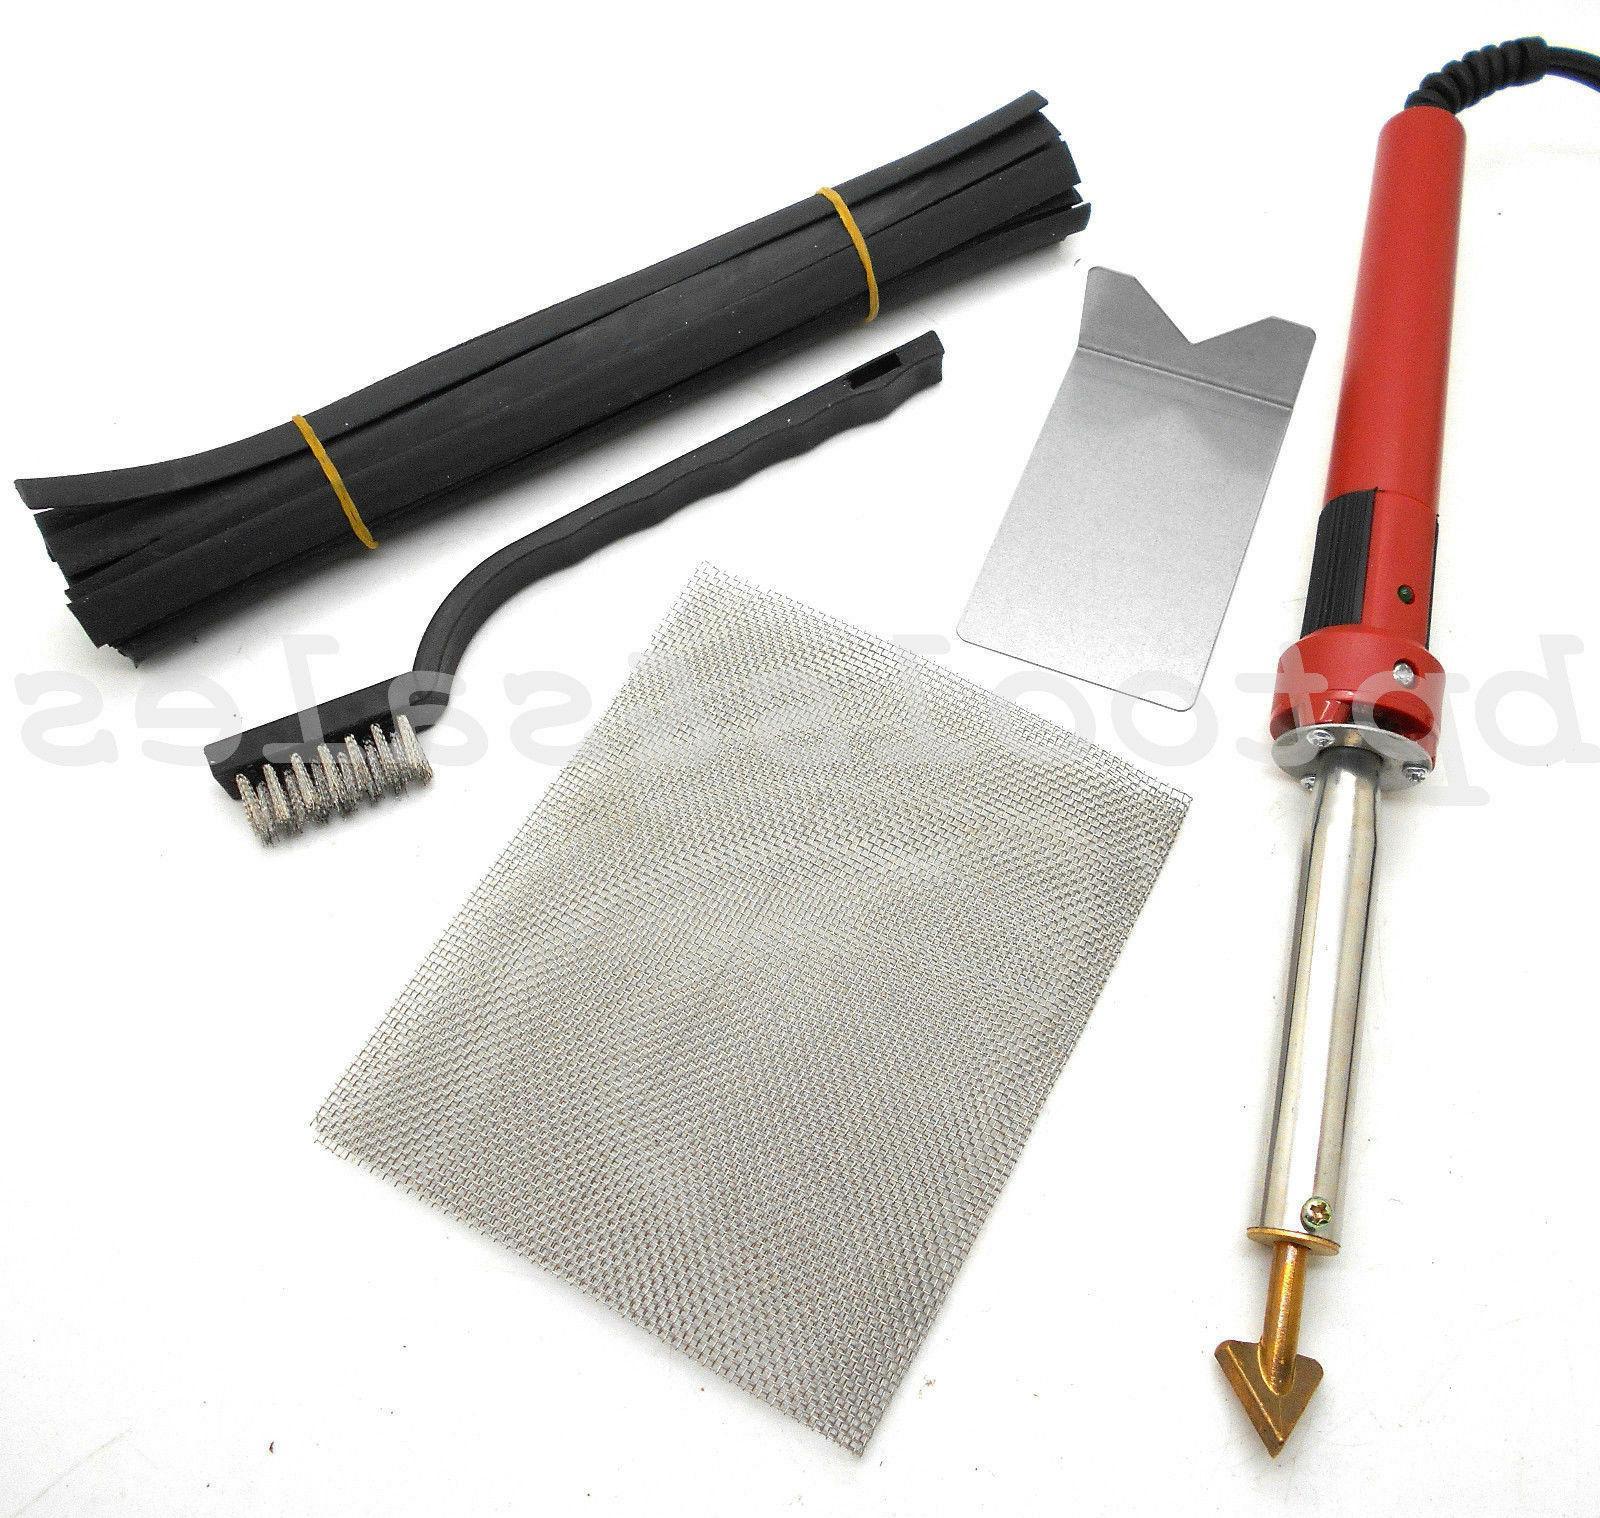 80 watt iron plastic welding kit tpo